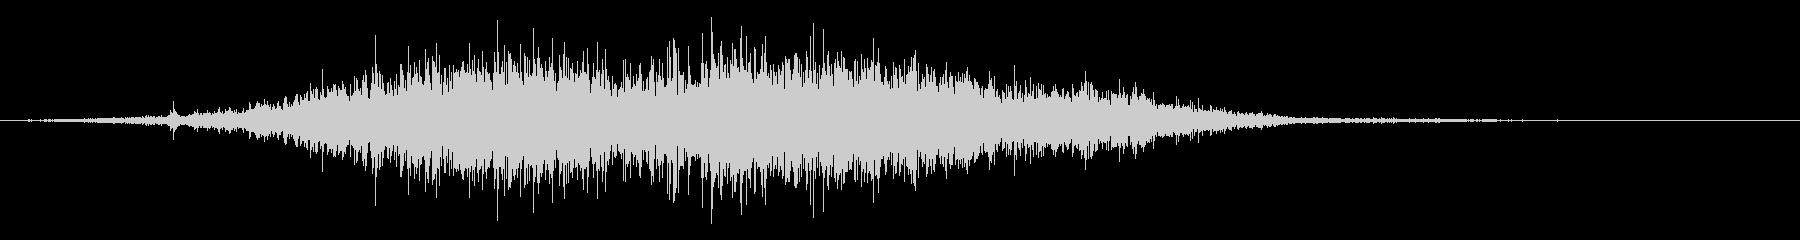 ダウンヒルスキーヤースキッドストップの未再生の波形